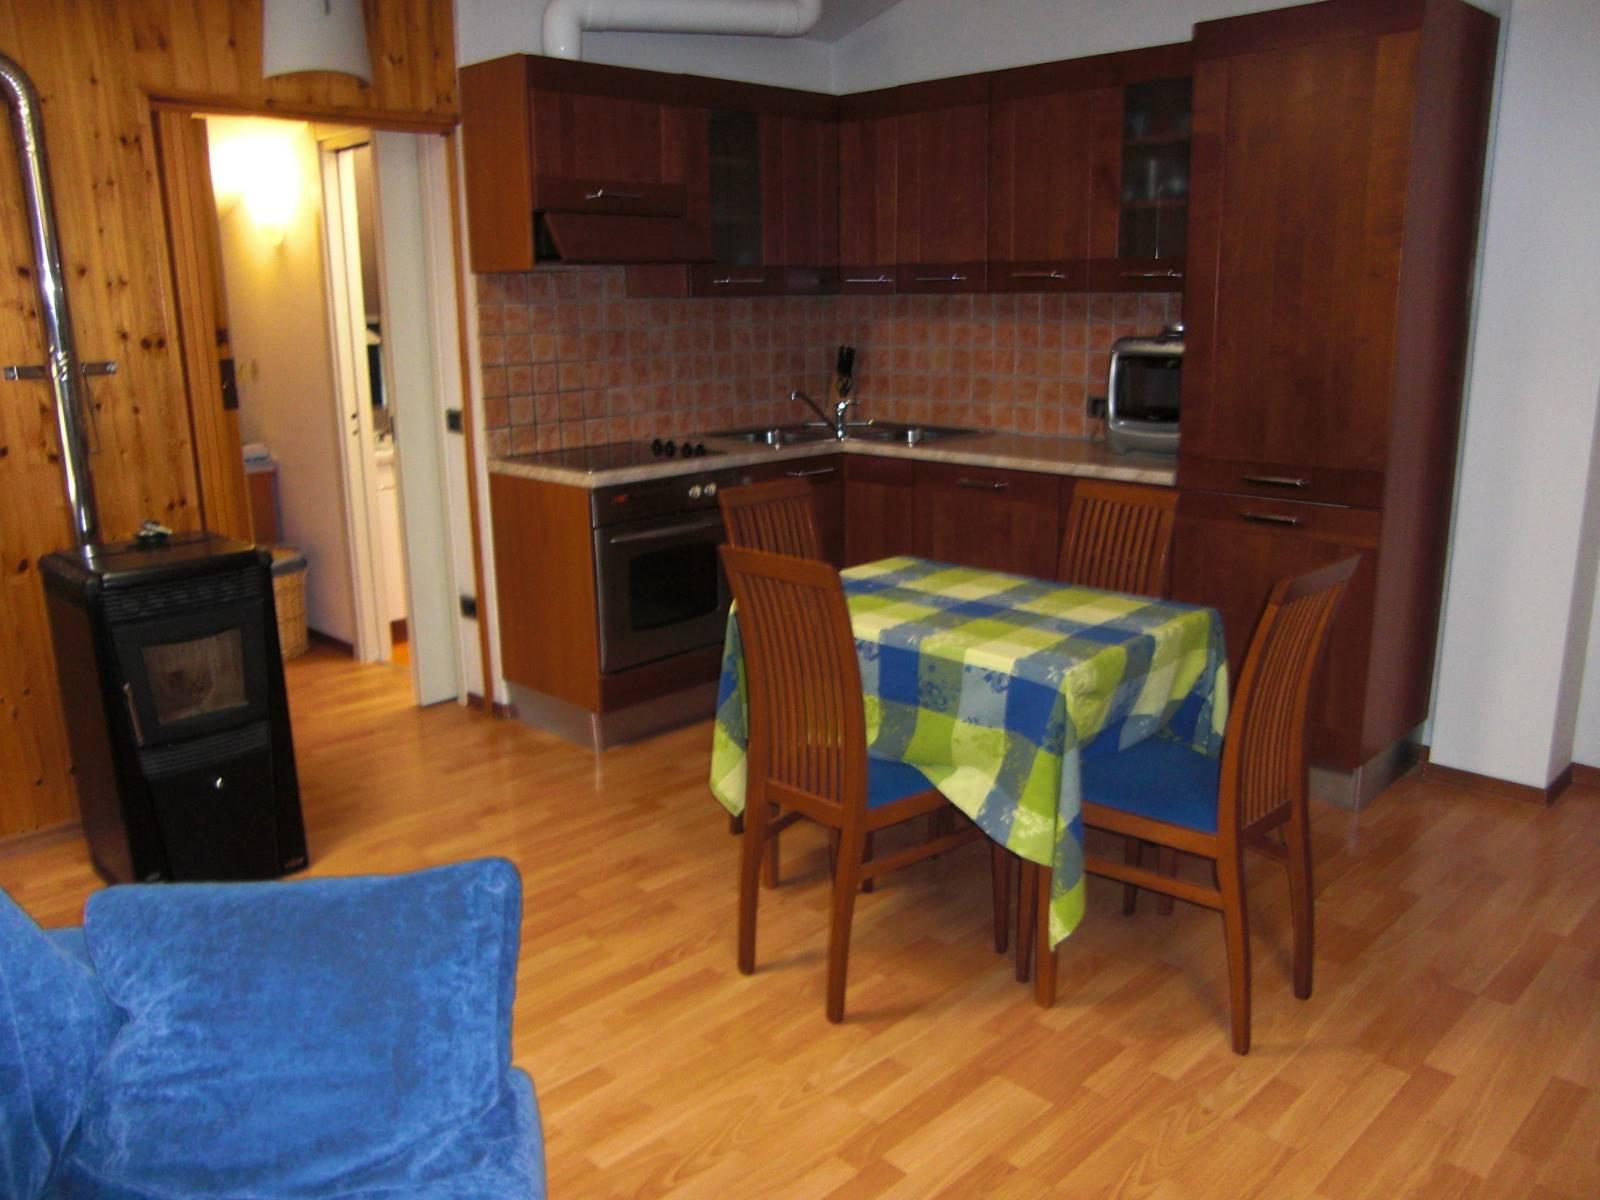 Appartamento in affitto a Sondrio, 2 locali, zona Località: SEMICENTRALE, prezzo € 350 | PortaleAgenzieImmobiliari.it